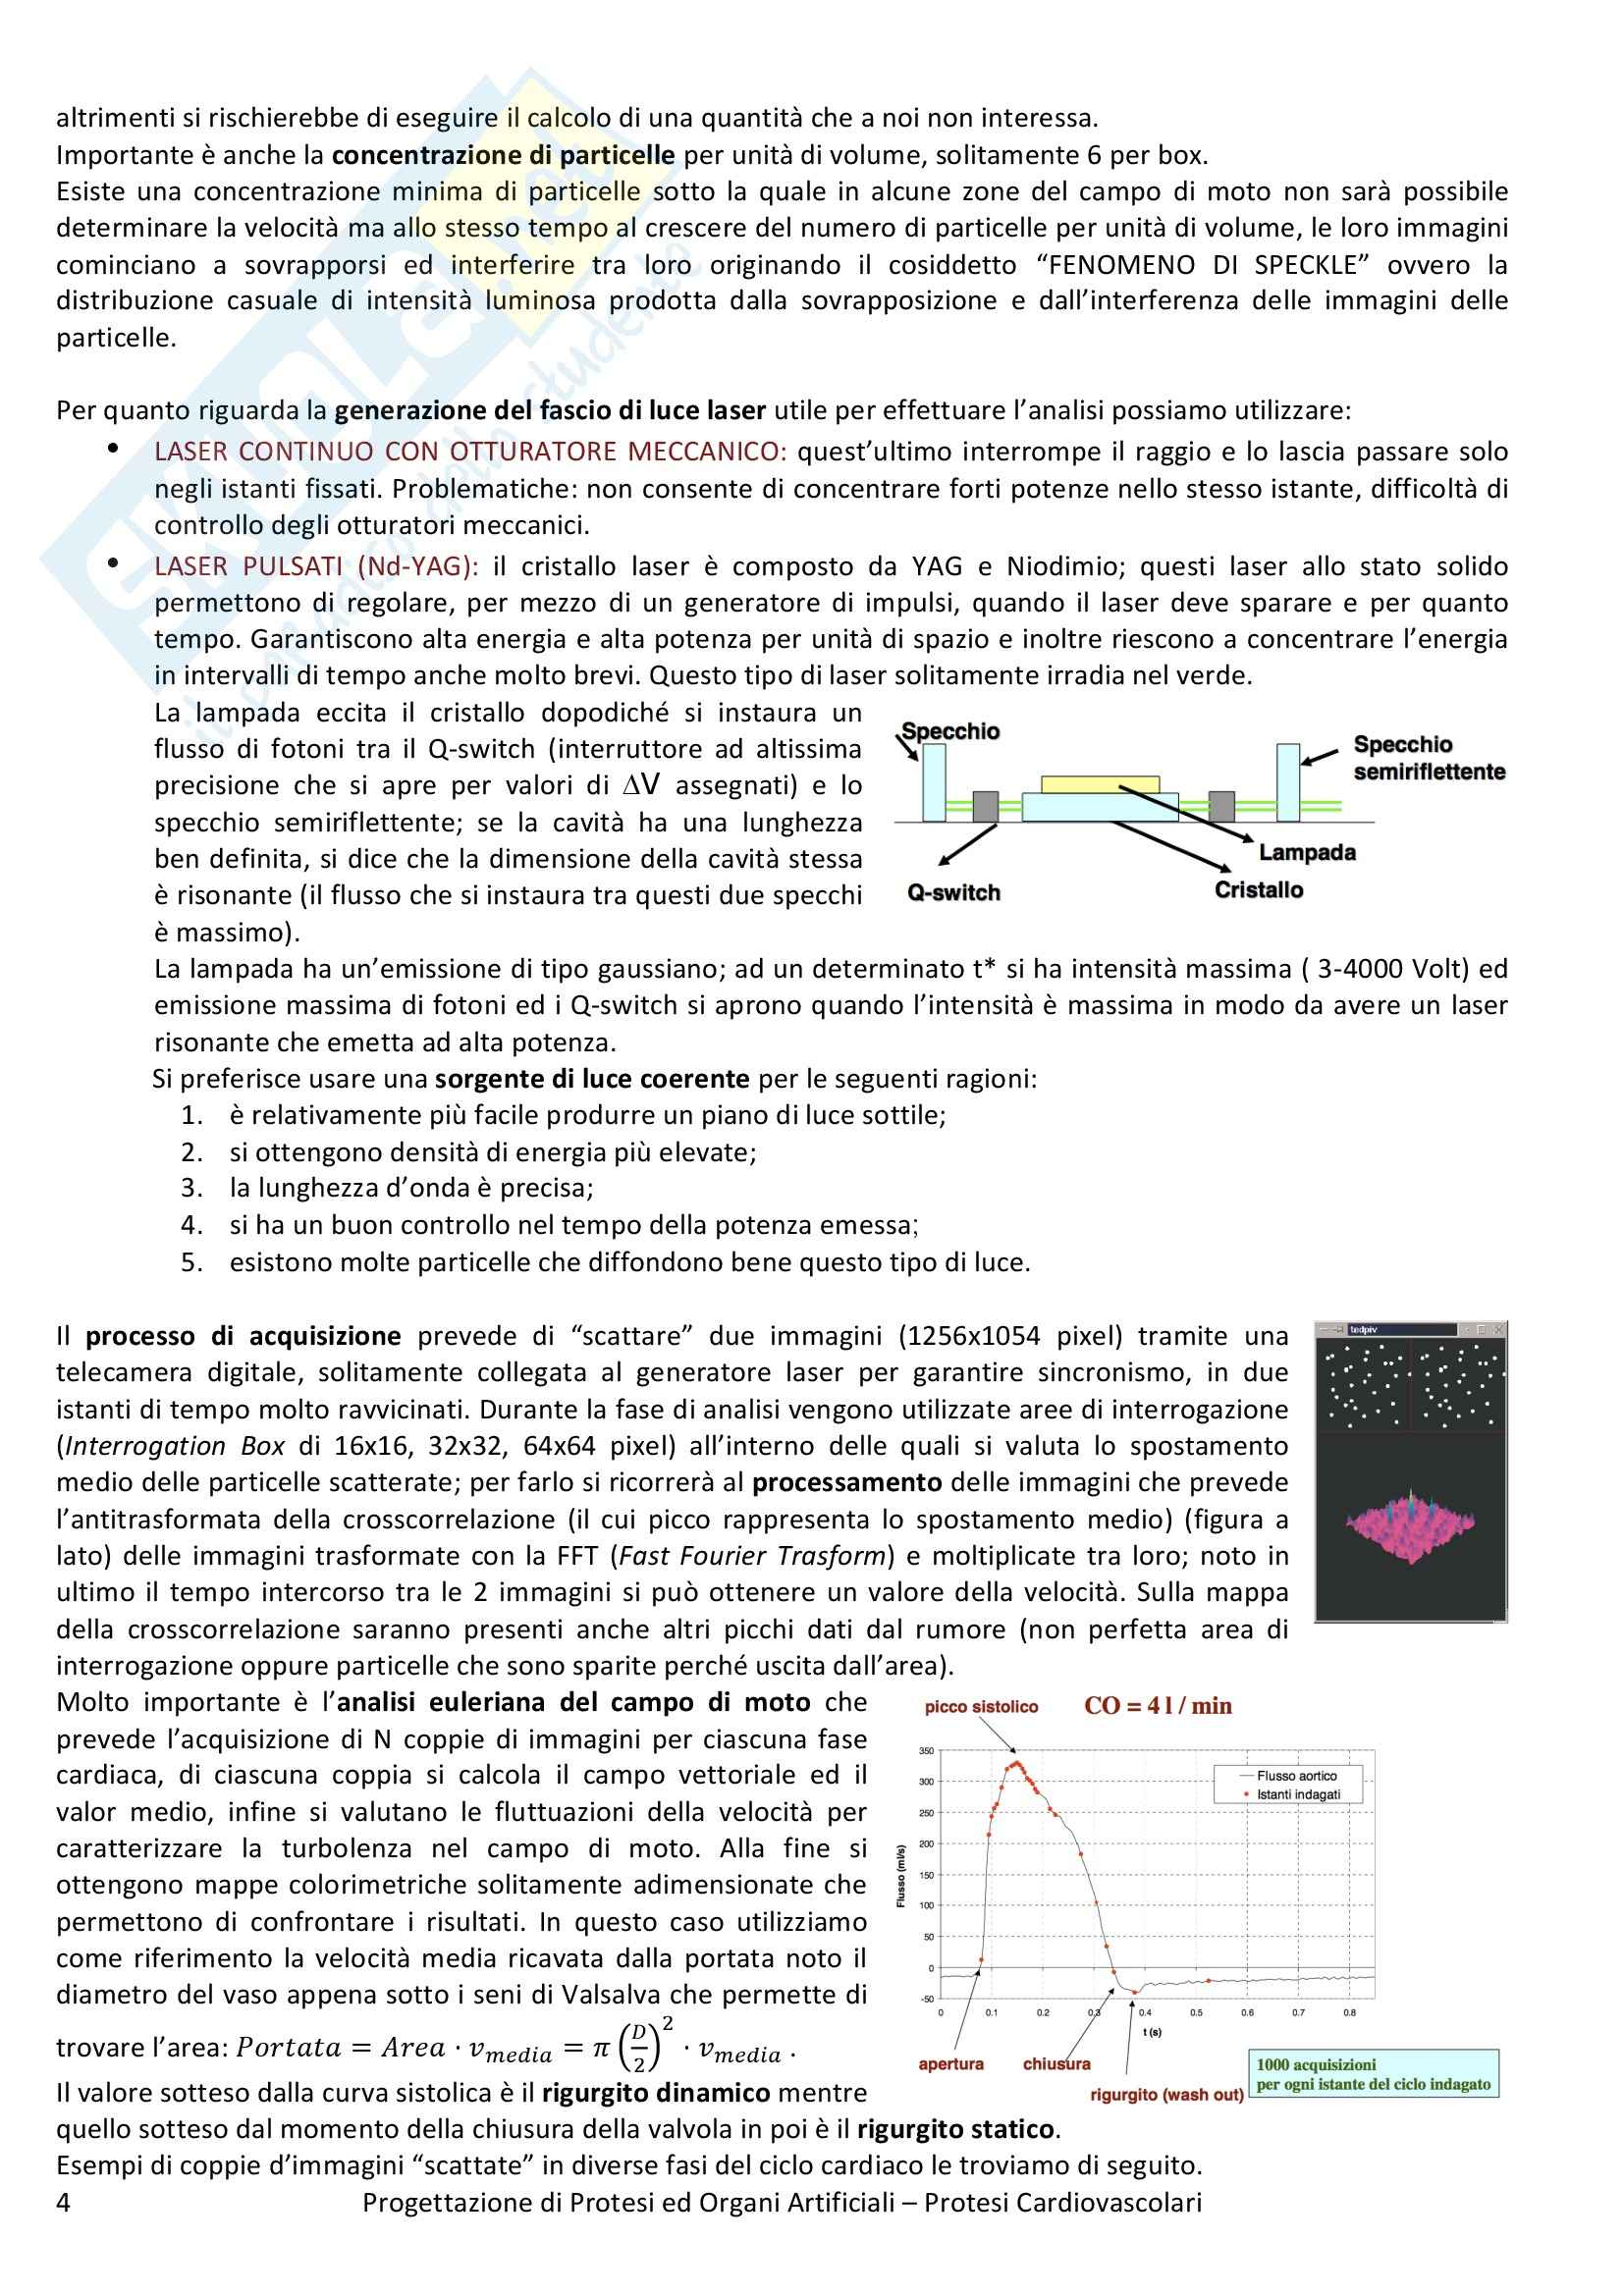 Progettazione di Protesi ed Organi Artificiali - Appunti Pag. 6